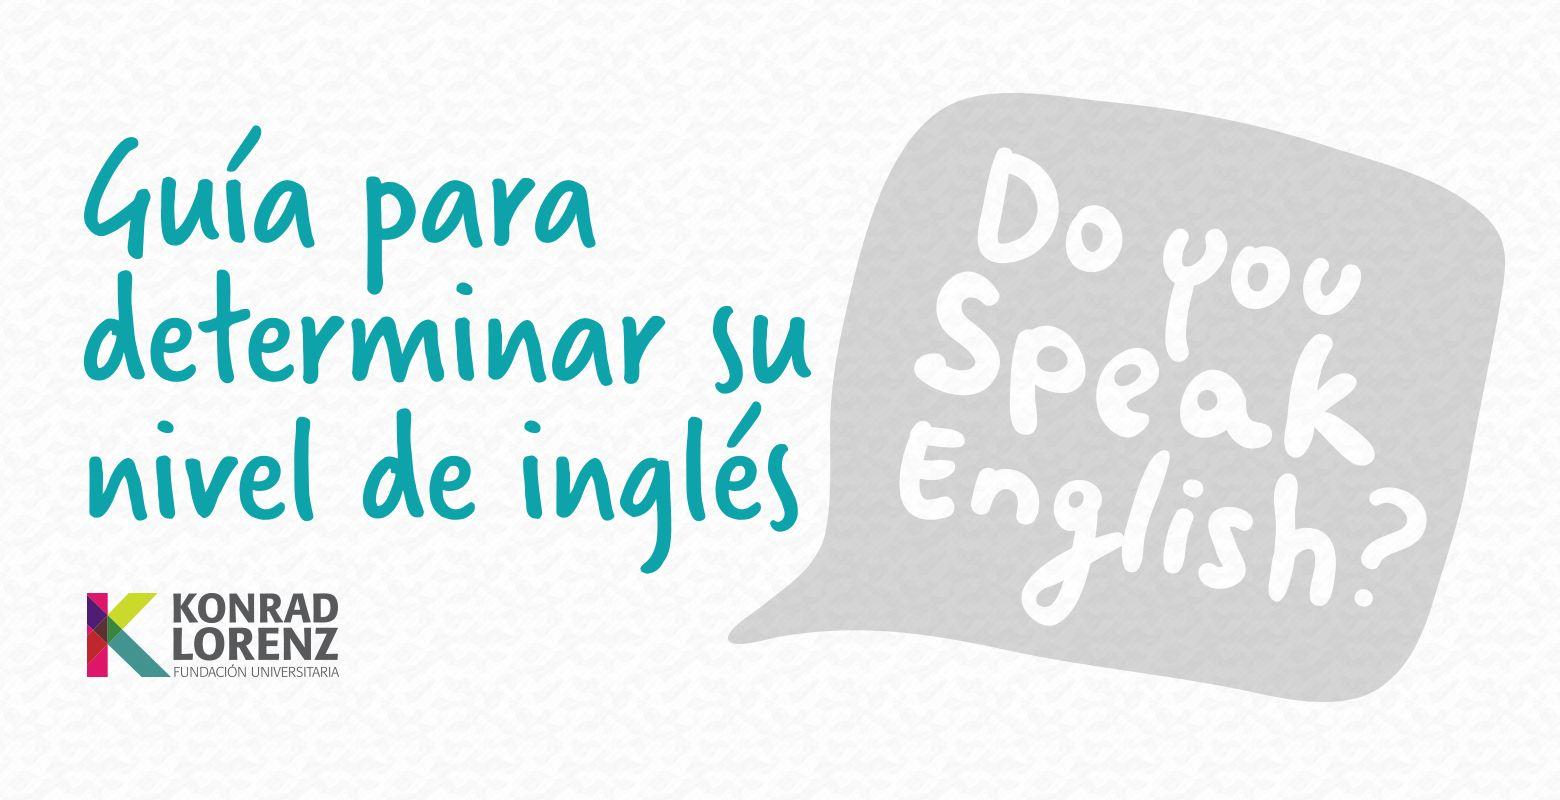 Guía para determinar su nivel de Inglés